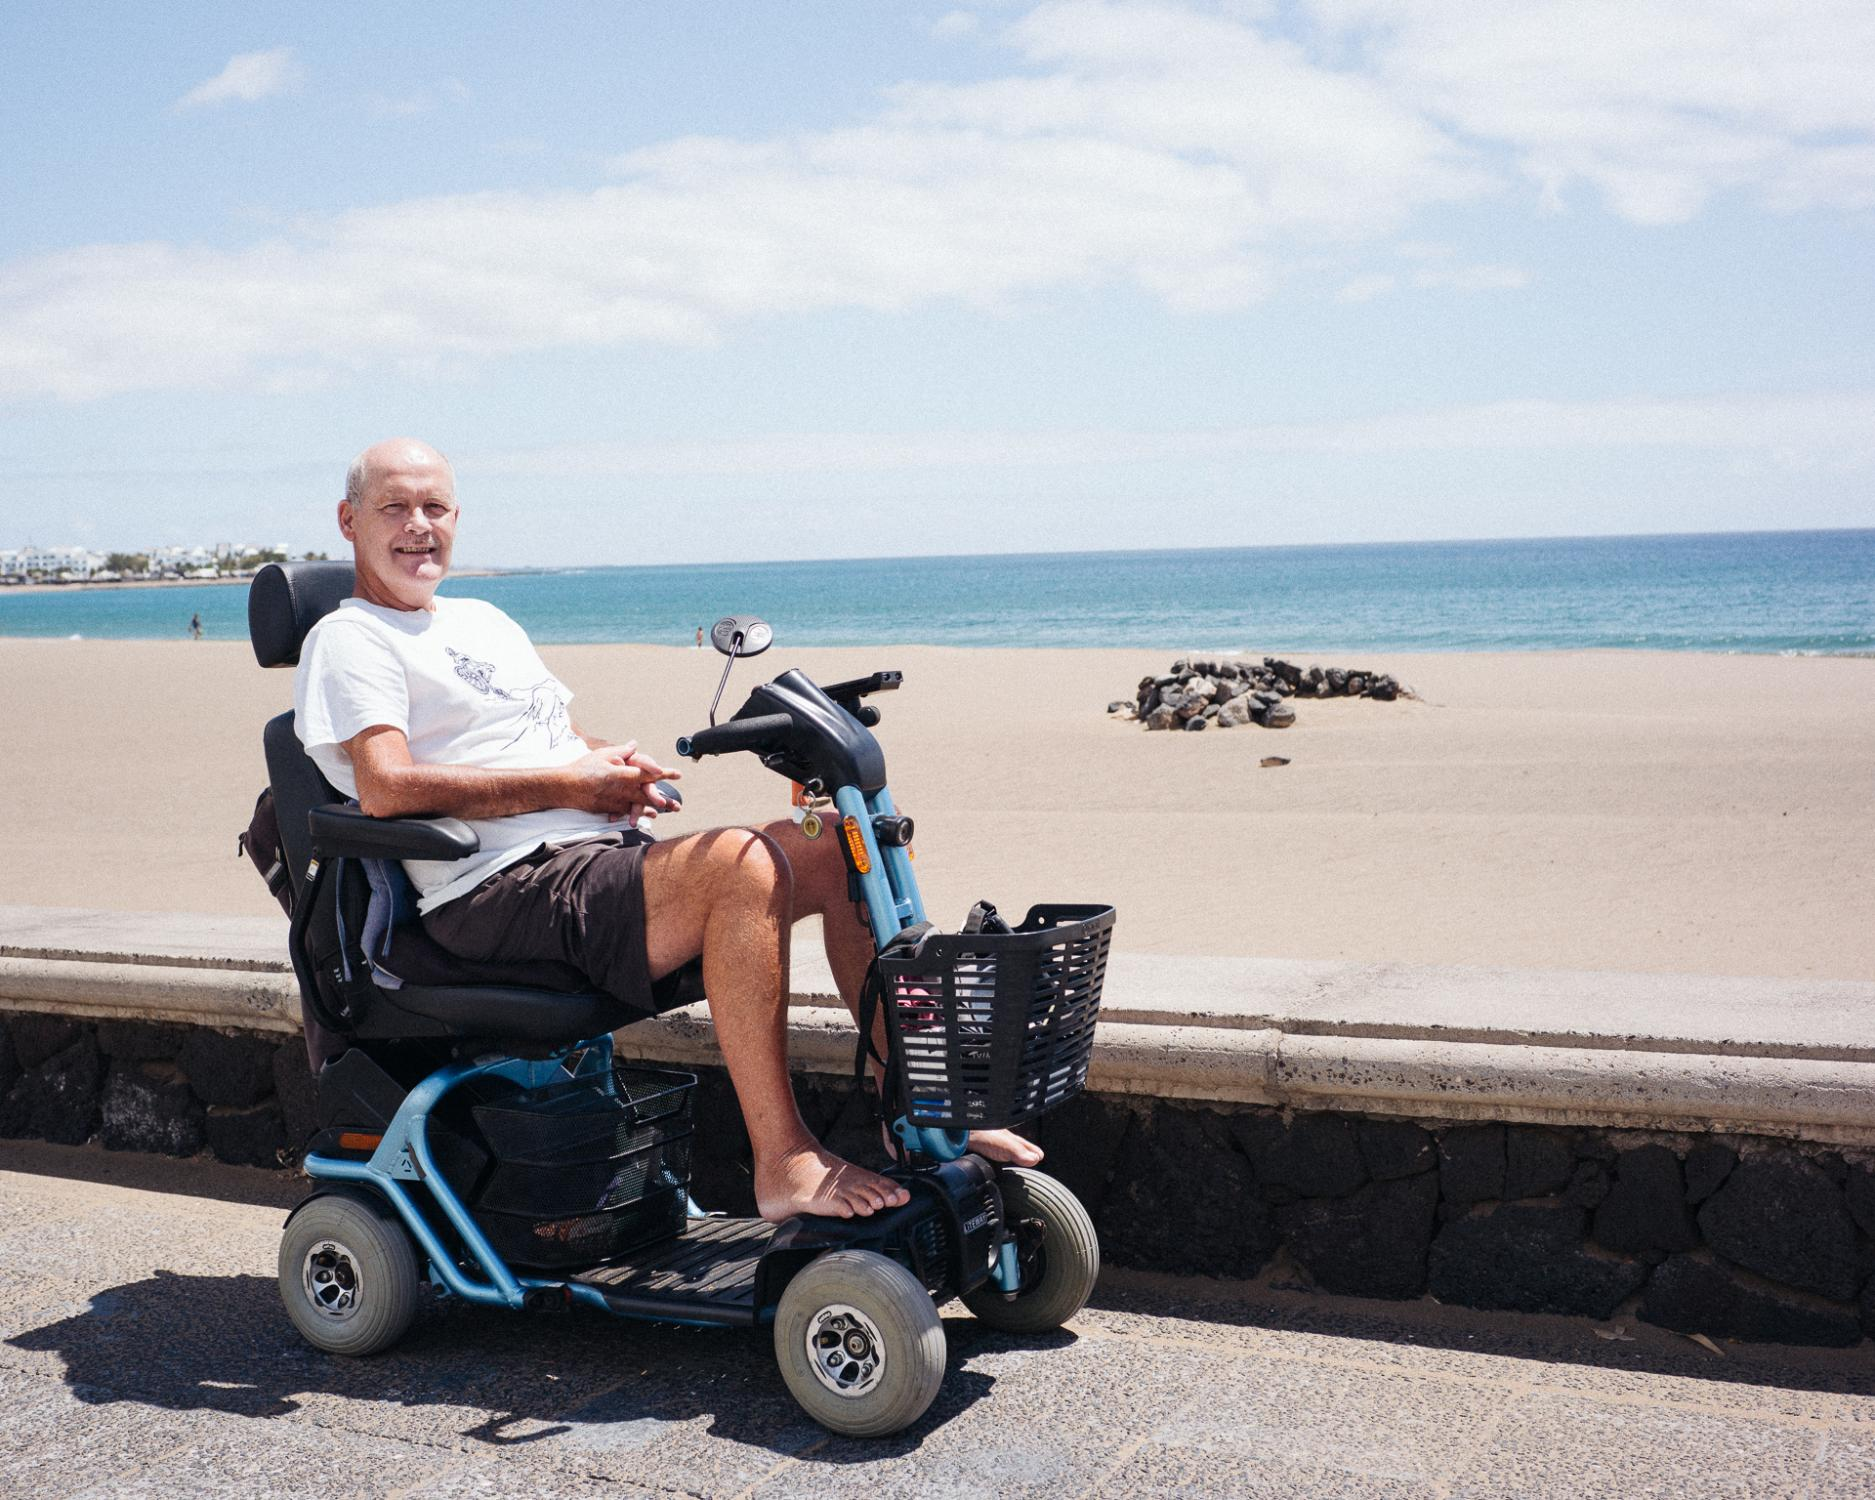 Eugene Oleary est irlandais. Il vit sur le front de mer de Los Pocillos une partie de l'année. Installé ici depuis quatre ans pour des raisons de santé, il vient tous les jours sur cette promenade qu'il ne reconnaît plus tant elle est déserte. « Depuis des mois, je ne croise que quelques joggeurs et promeneurs, toujours les mêmes. C'est très agréable, mais catastrophique. »